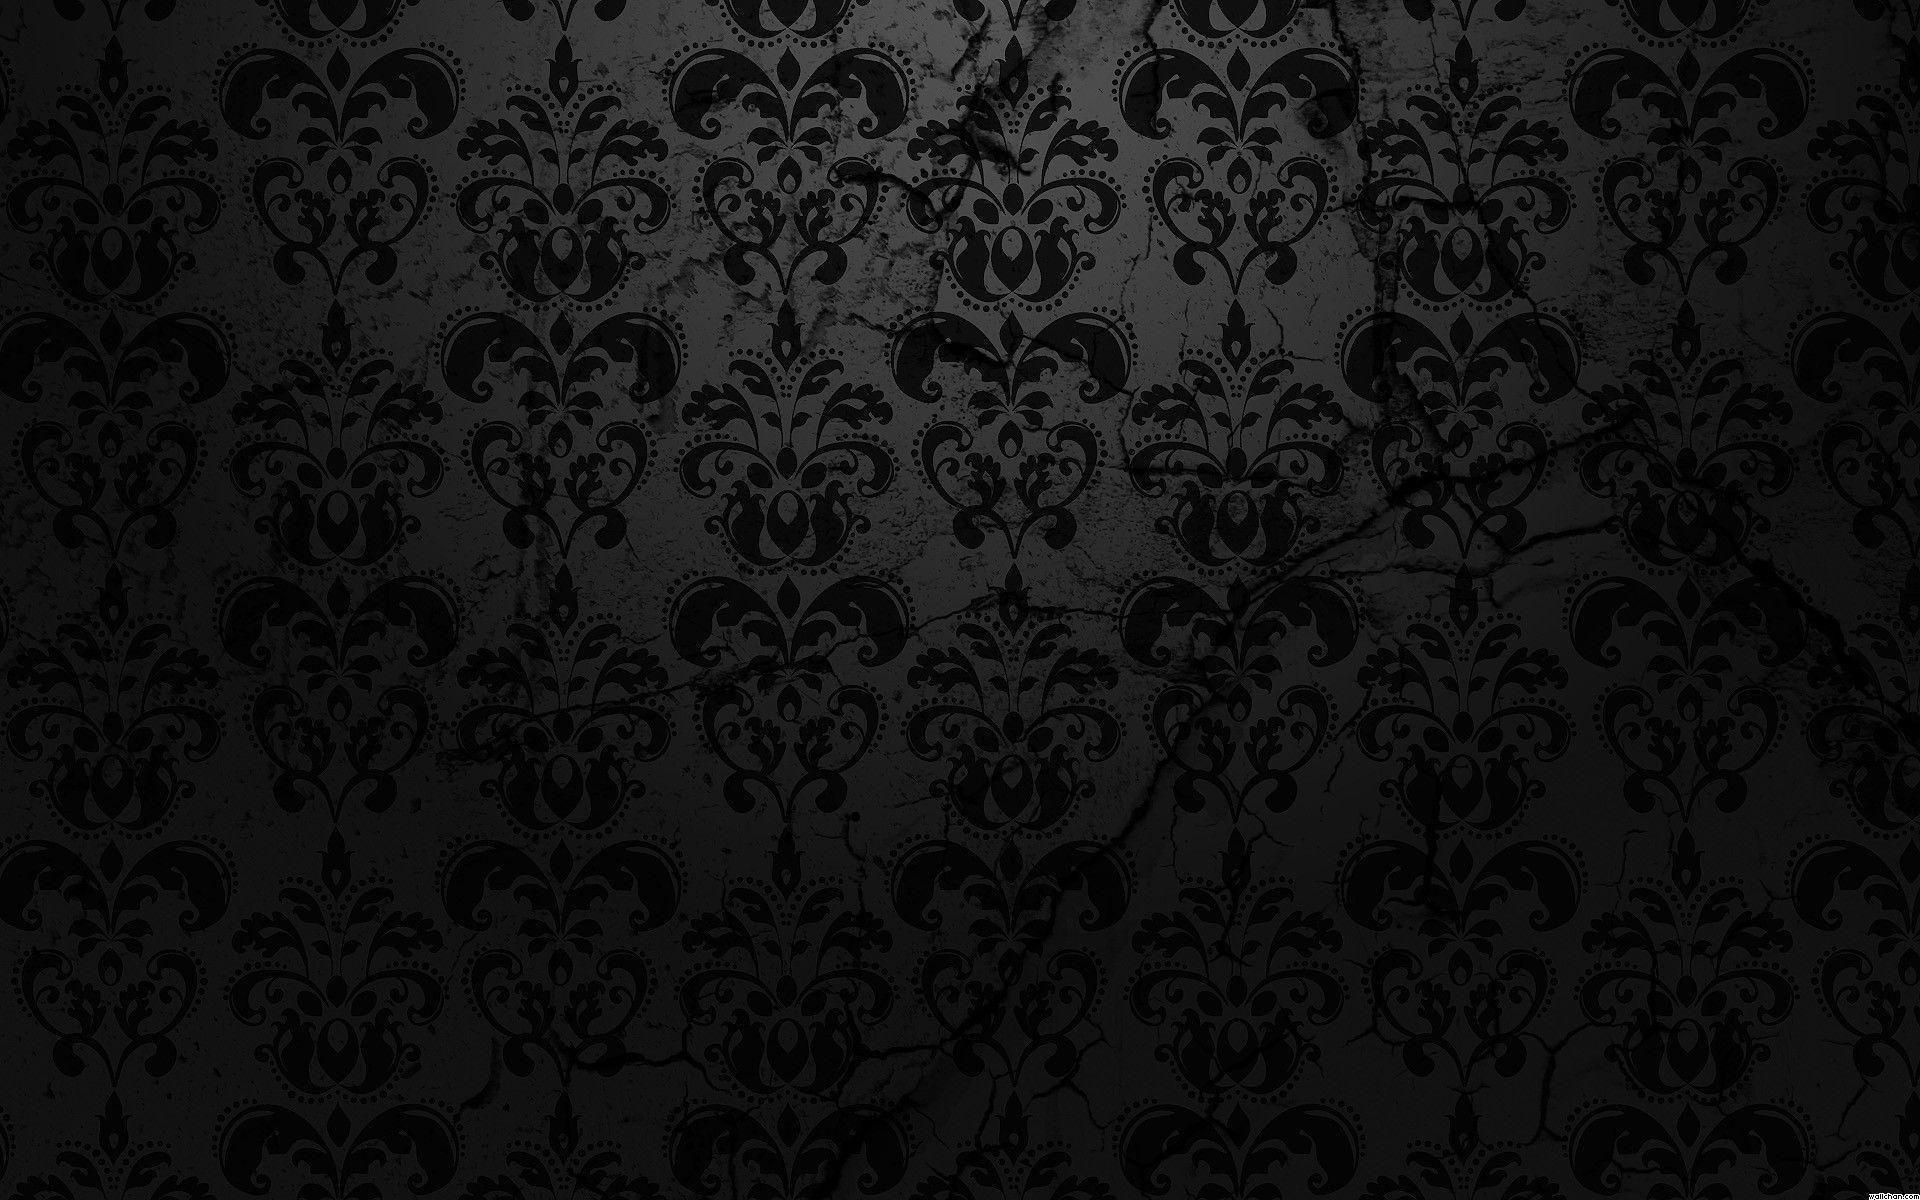 Image result for black damask wallpaper Plain black